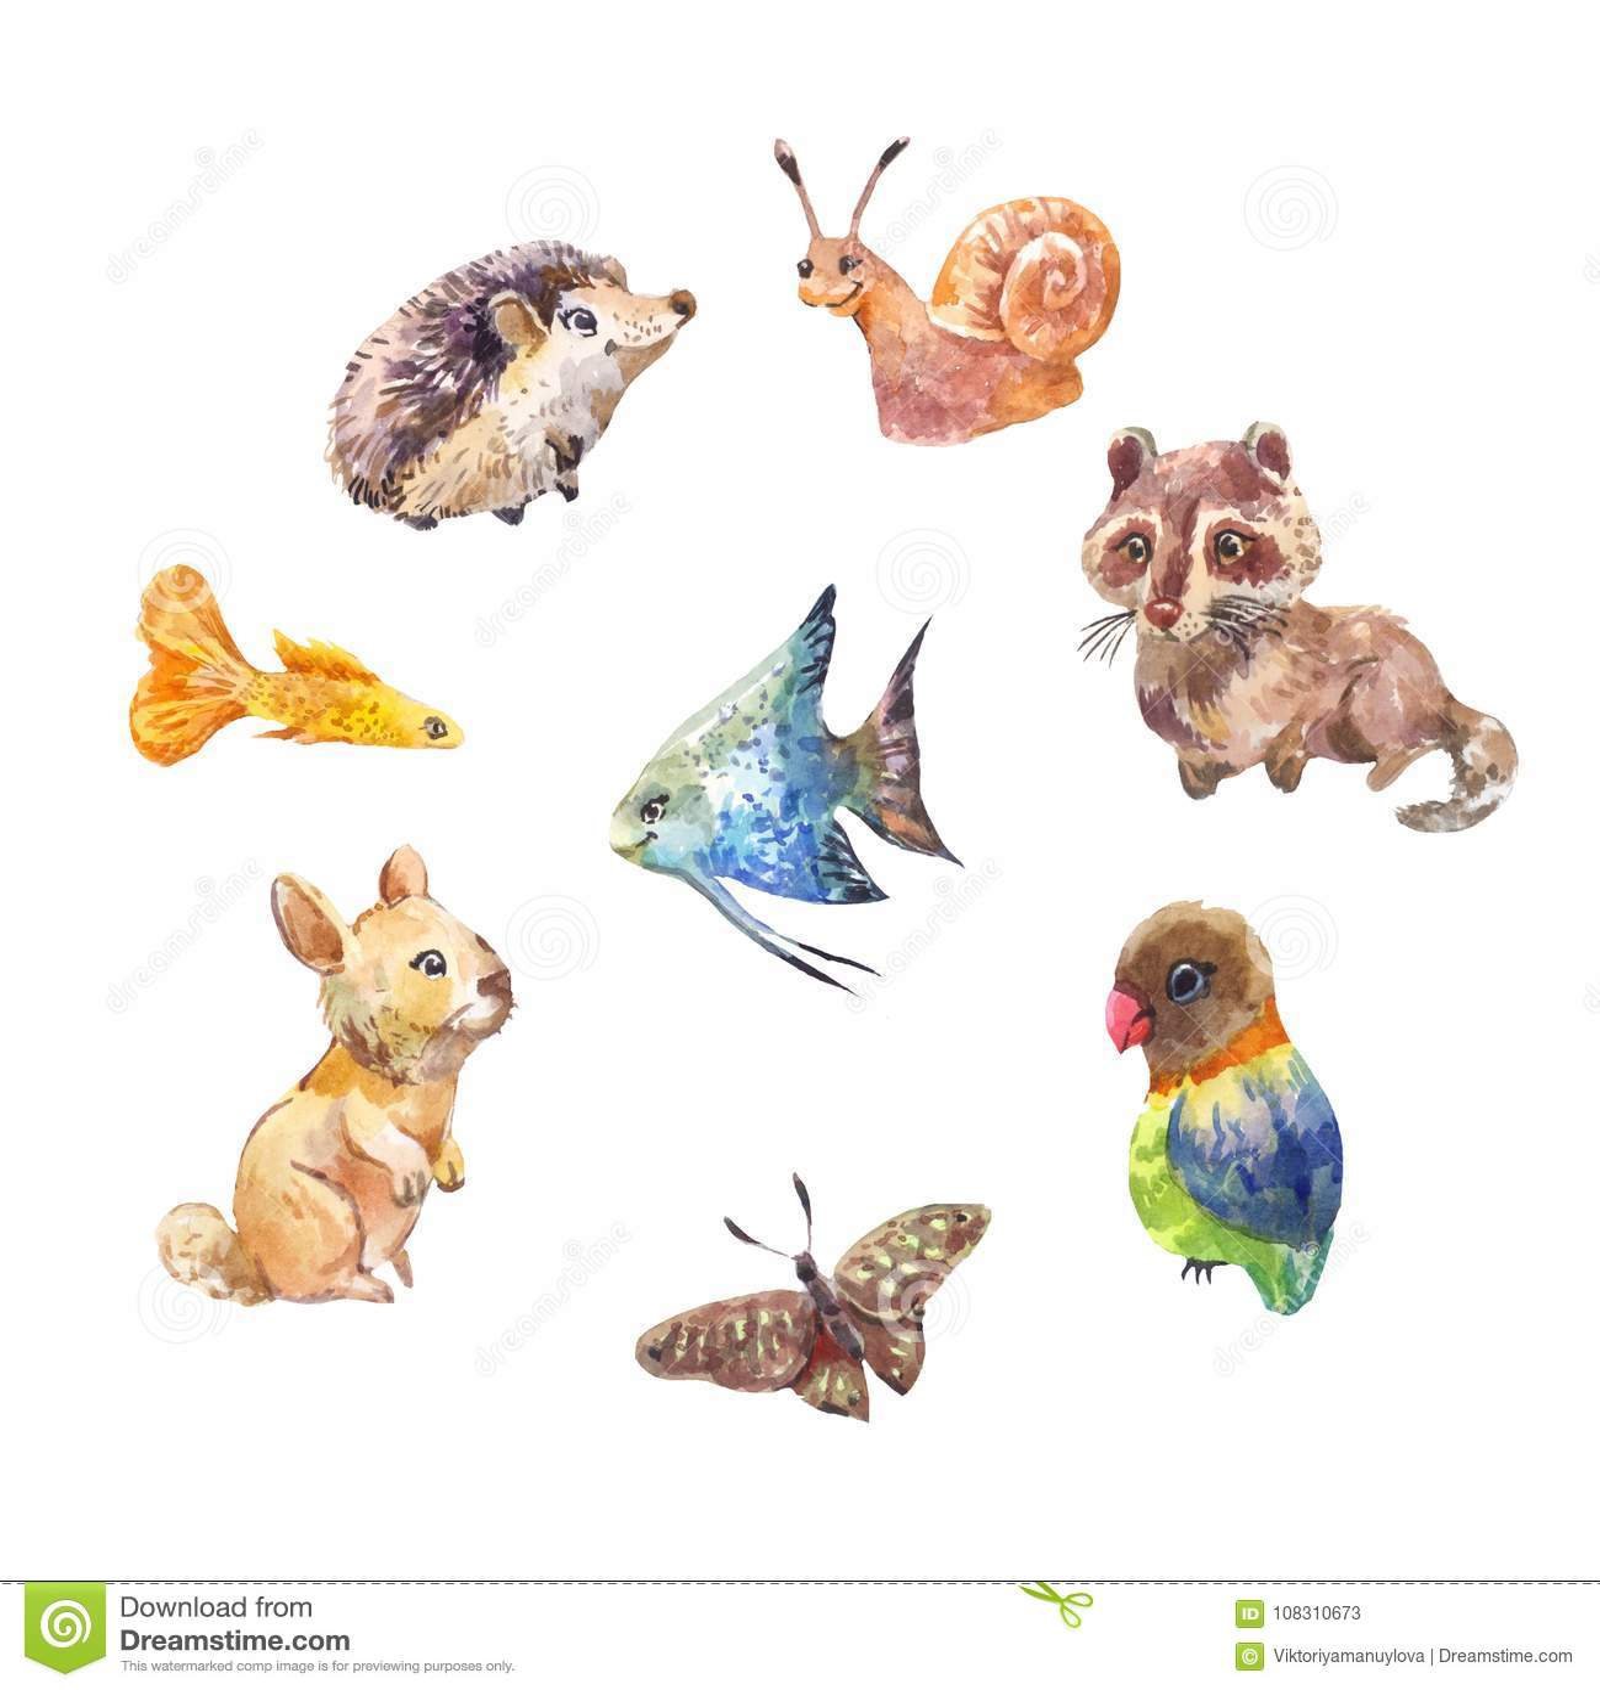 Ensemble de petits animaux sauvages mignons dessins d - Dessins d animaux sauvages ...